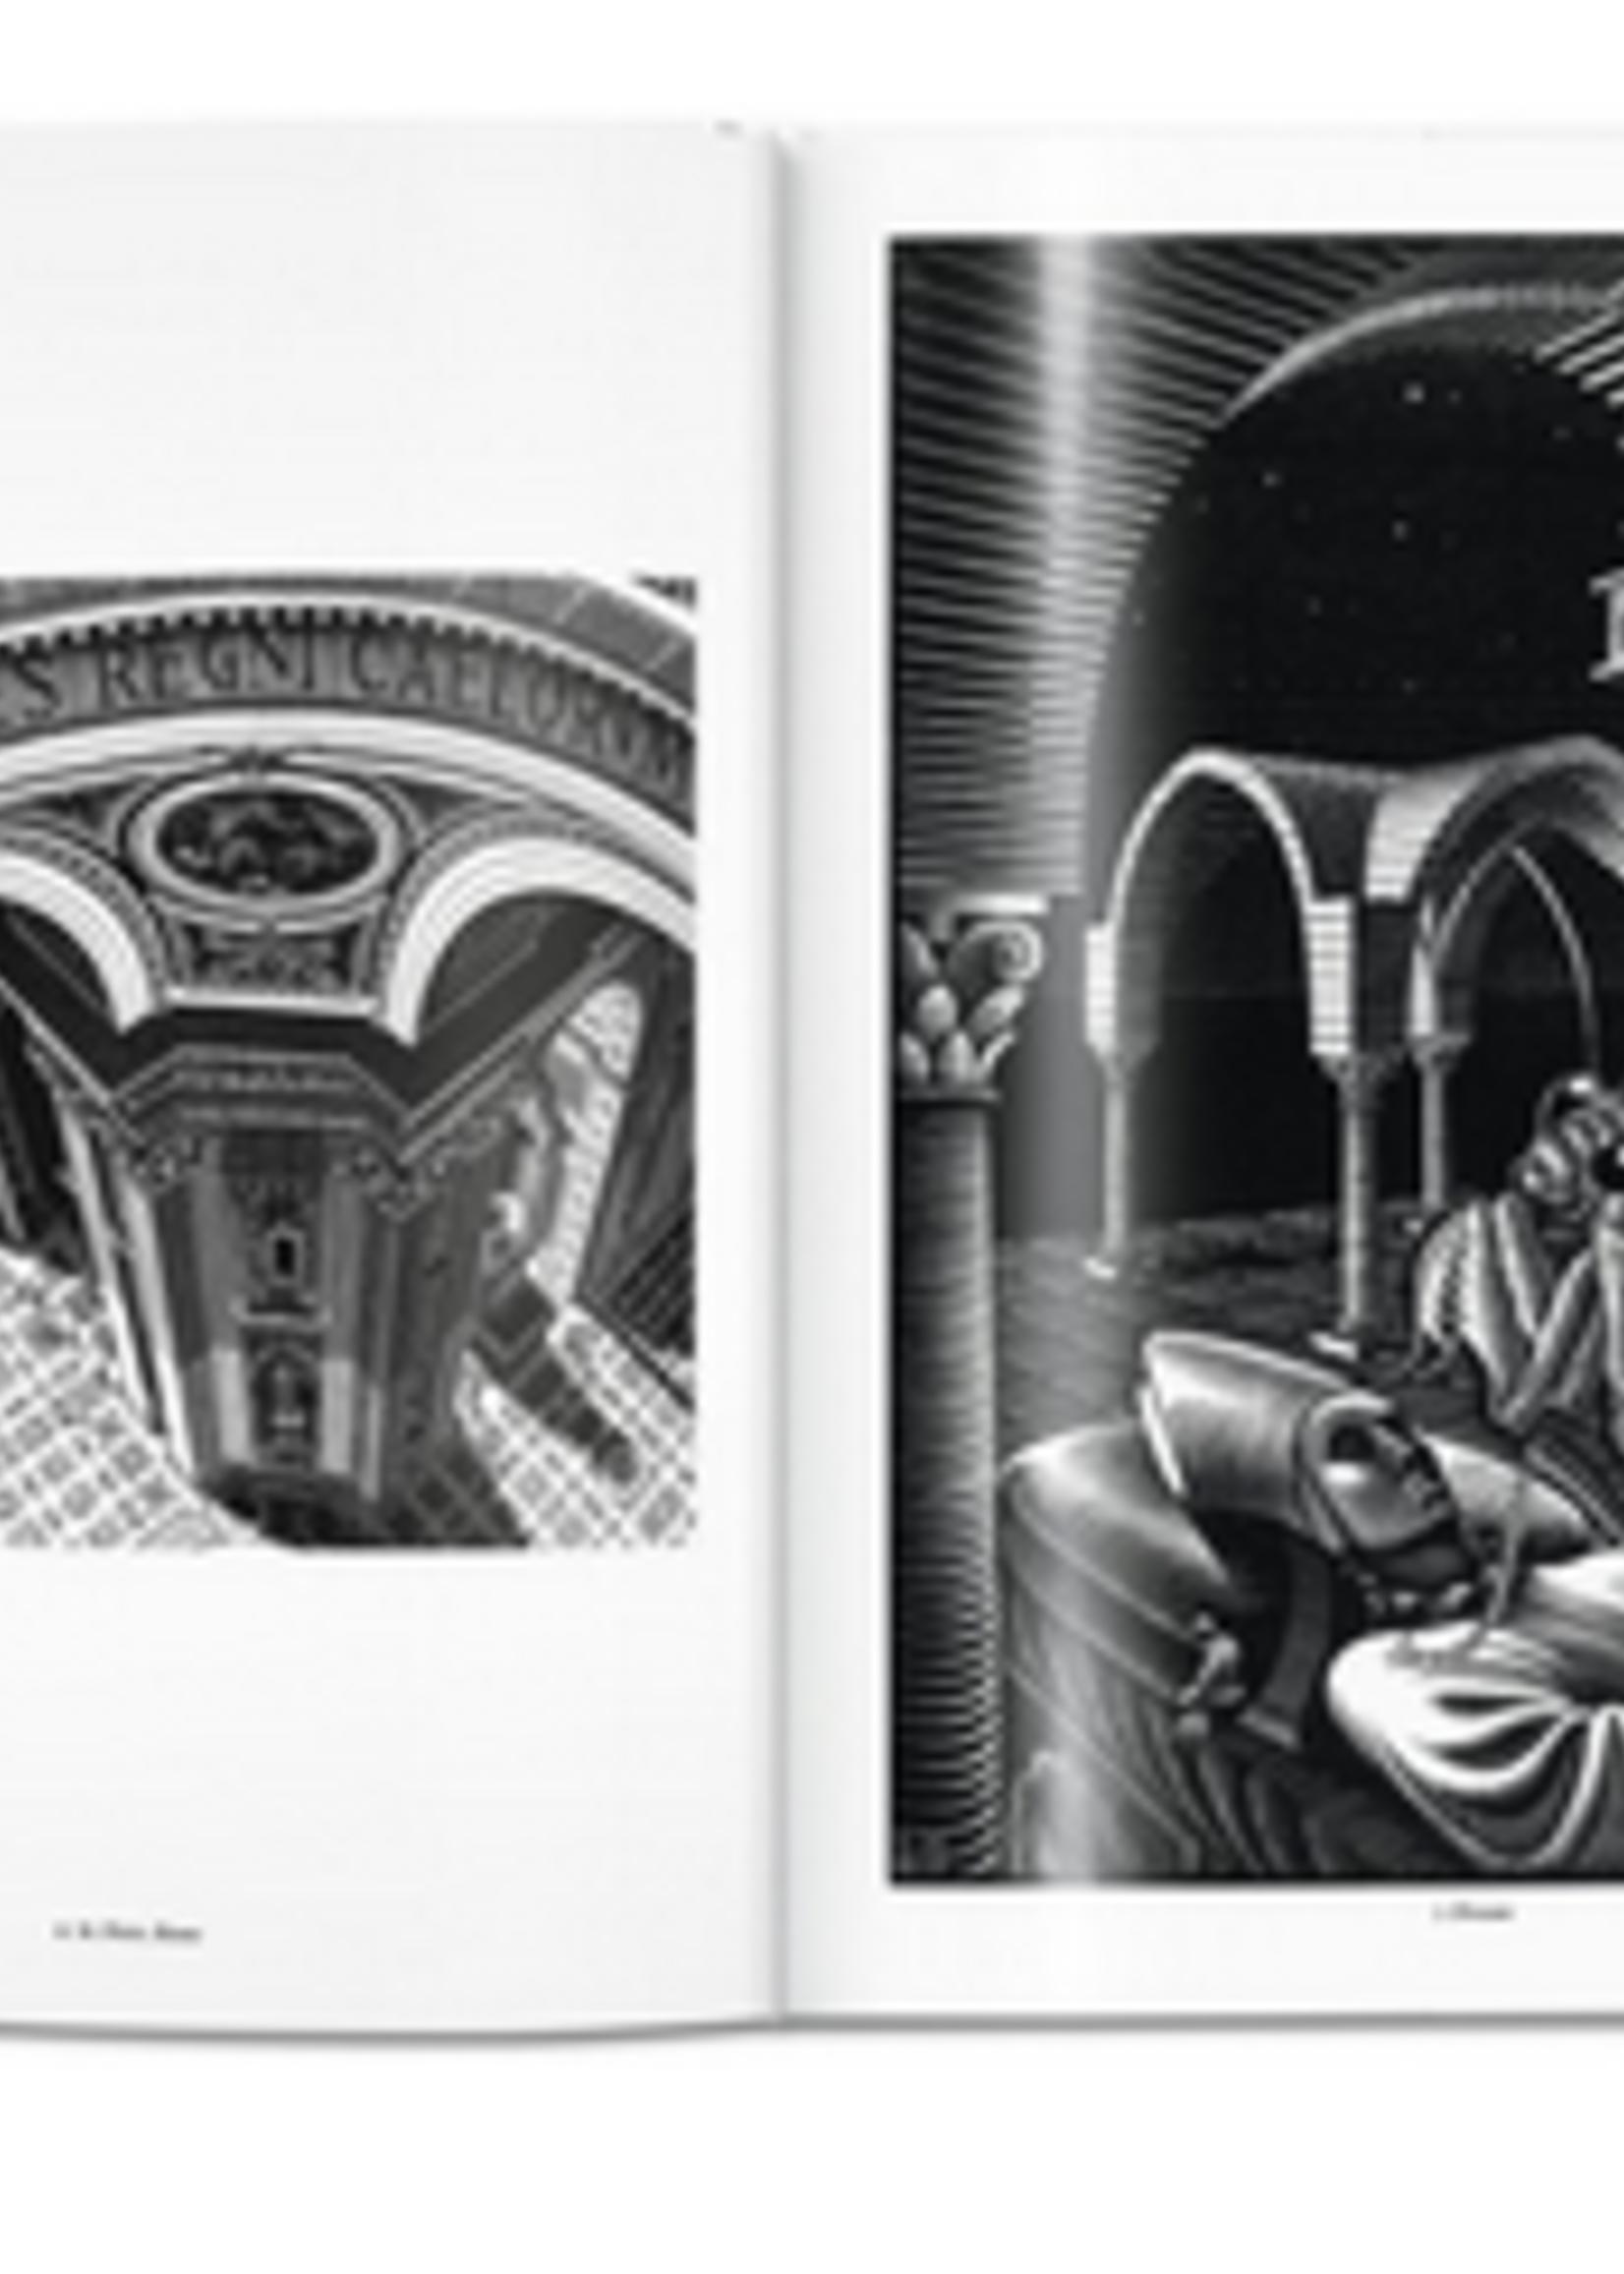 Taschen Taschen MC Escher The Graphic Work